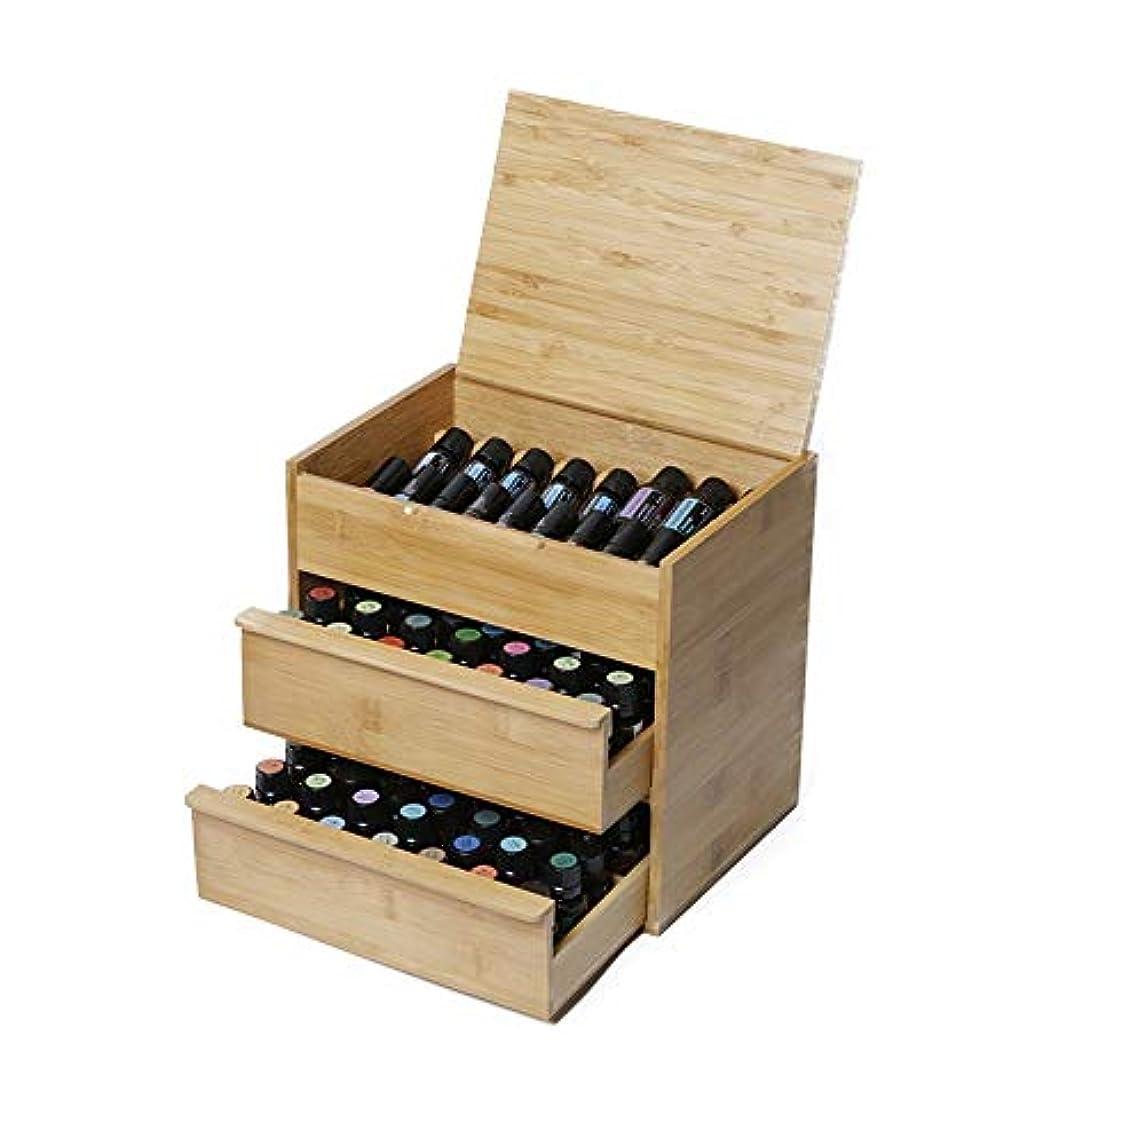 均等に正しく入り口エッセンシャルオイルの保管 88スロット木エッセンシャルオイルボックス3ティアボード内部リムーバブルは15/10/5 M1のボトル天然竹を開催します (色 : Natural, サイズ : 26.5X24.5X19CM)